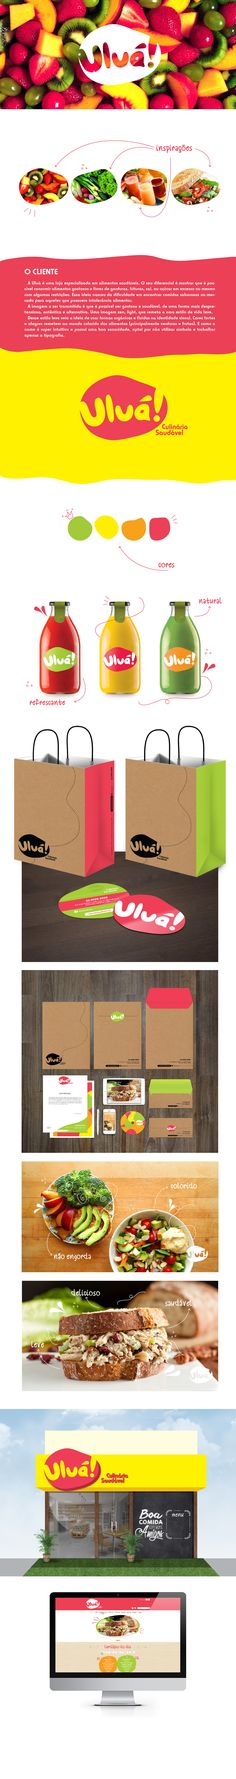 4. Um projeto da Agência Mosca para a Uluá, uma loja especializada em alimentos saudáveis. Uma identidade visual bem leve e com uma cara divertida e autêntica! #IdentidadeVisual #Logo #Propaganda #Branding #Creative #TudoMarketing #TudoMkt